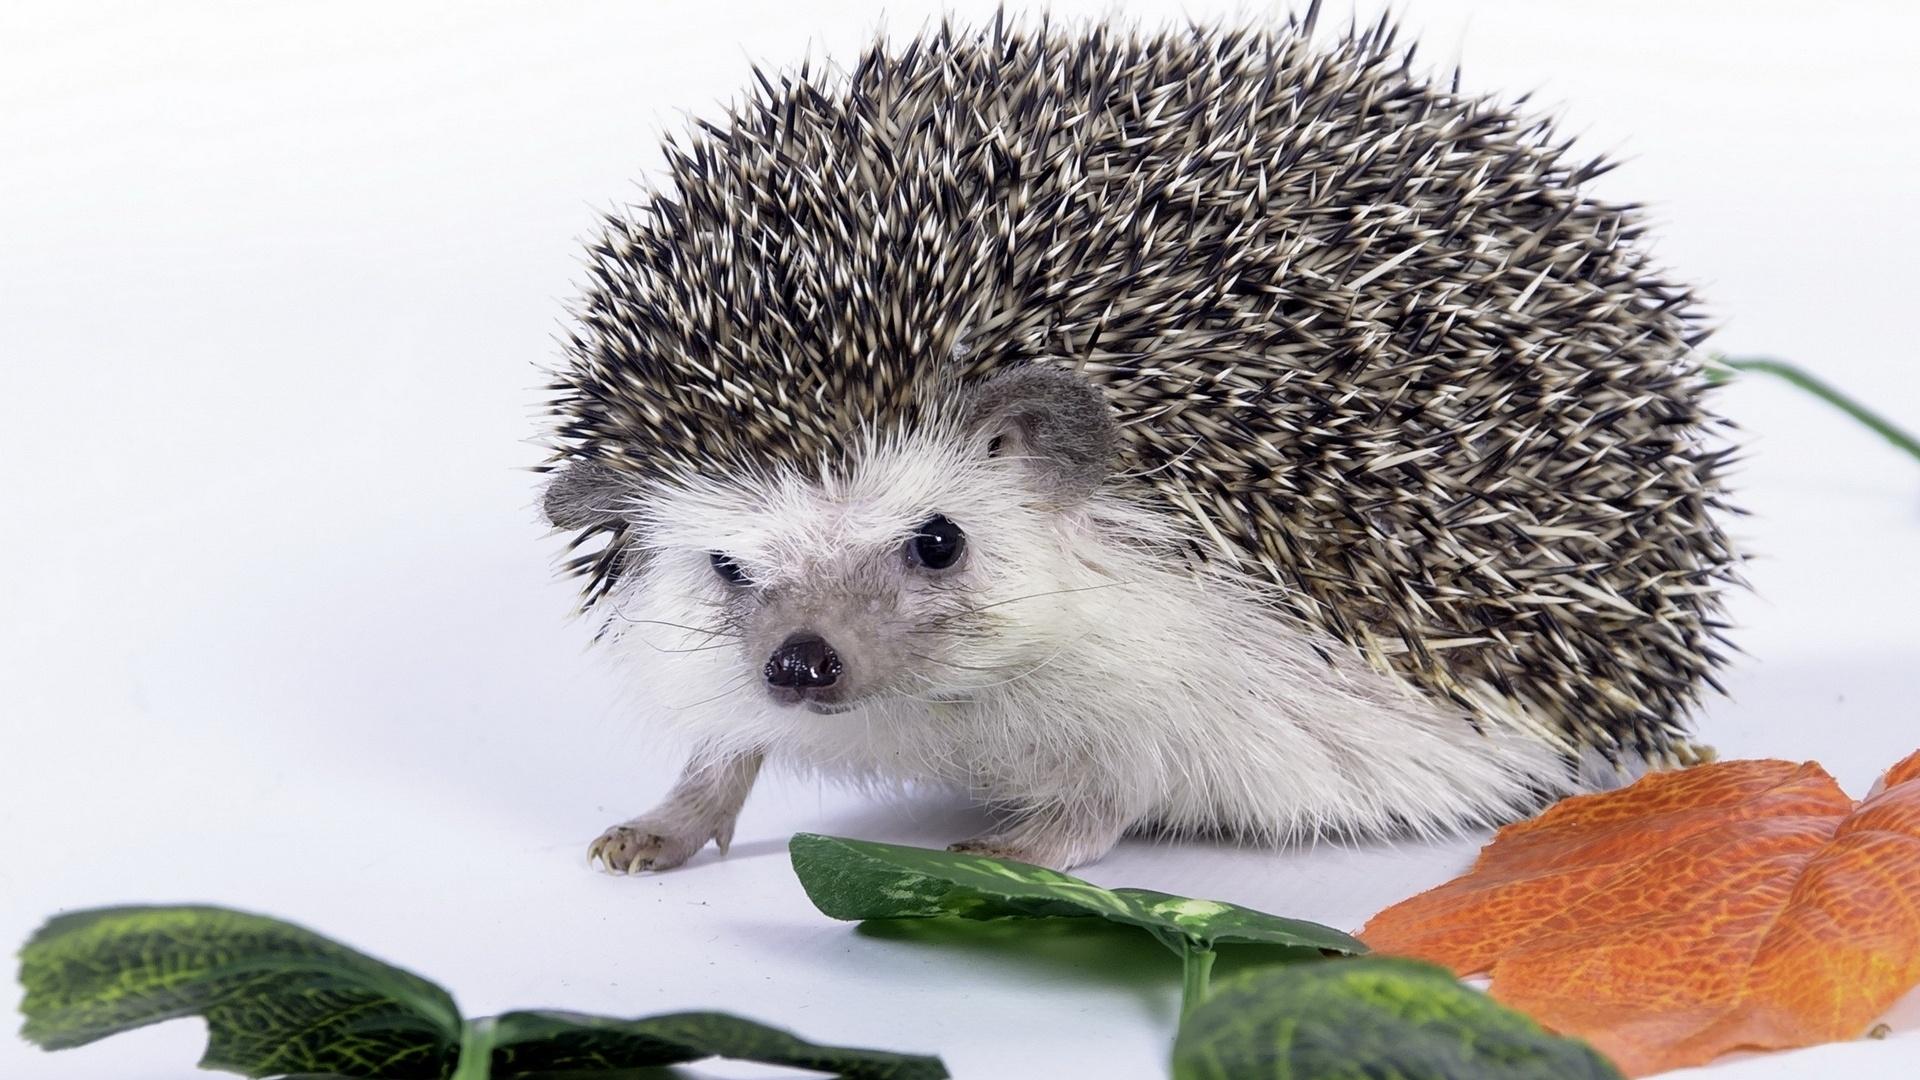 Hedgehog Background